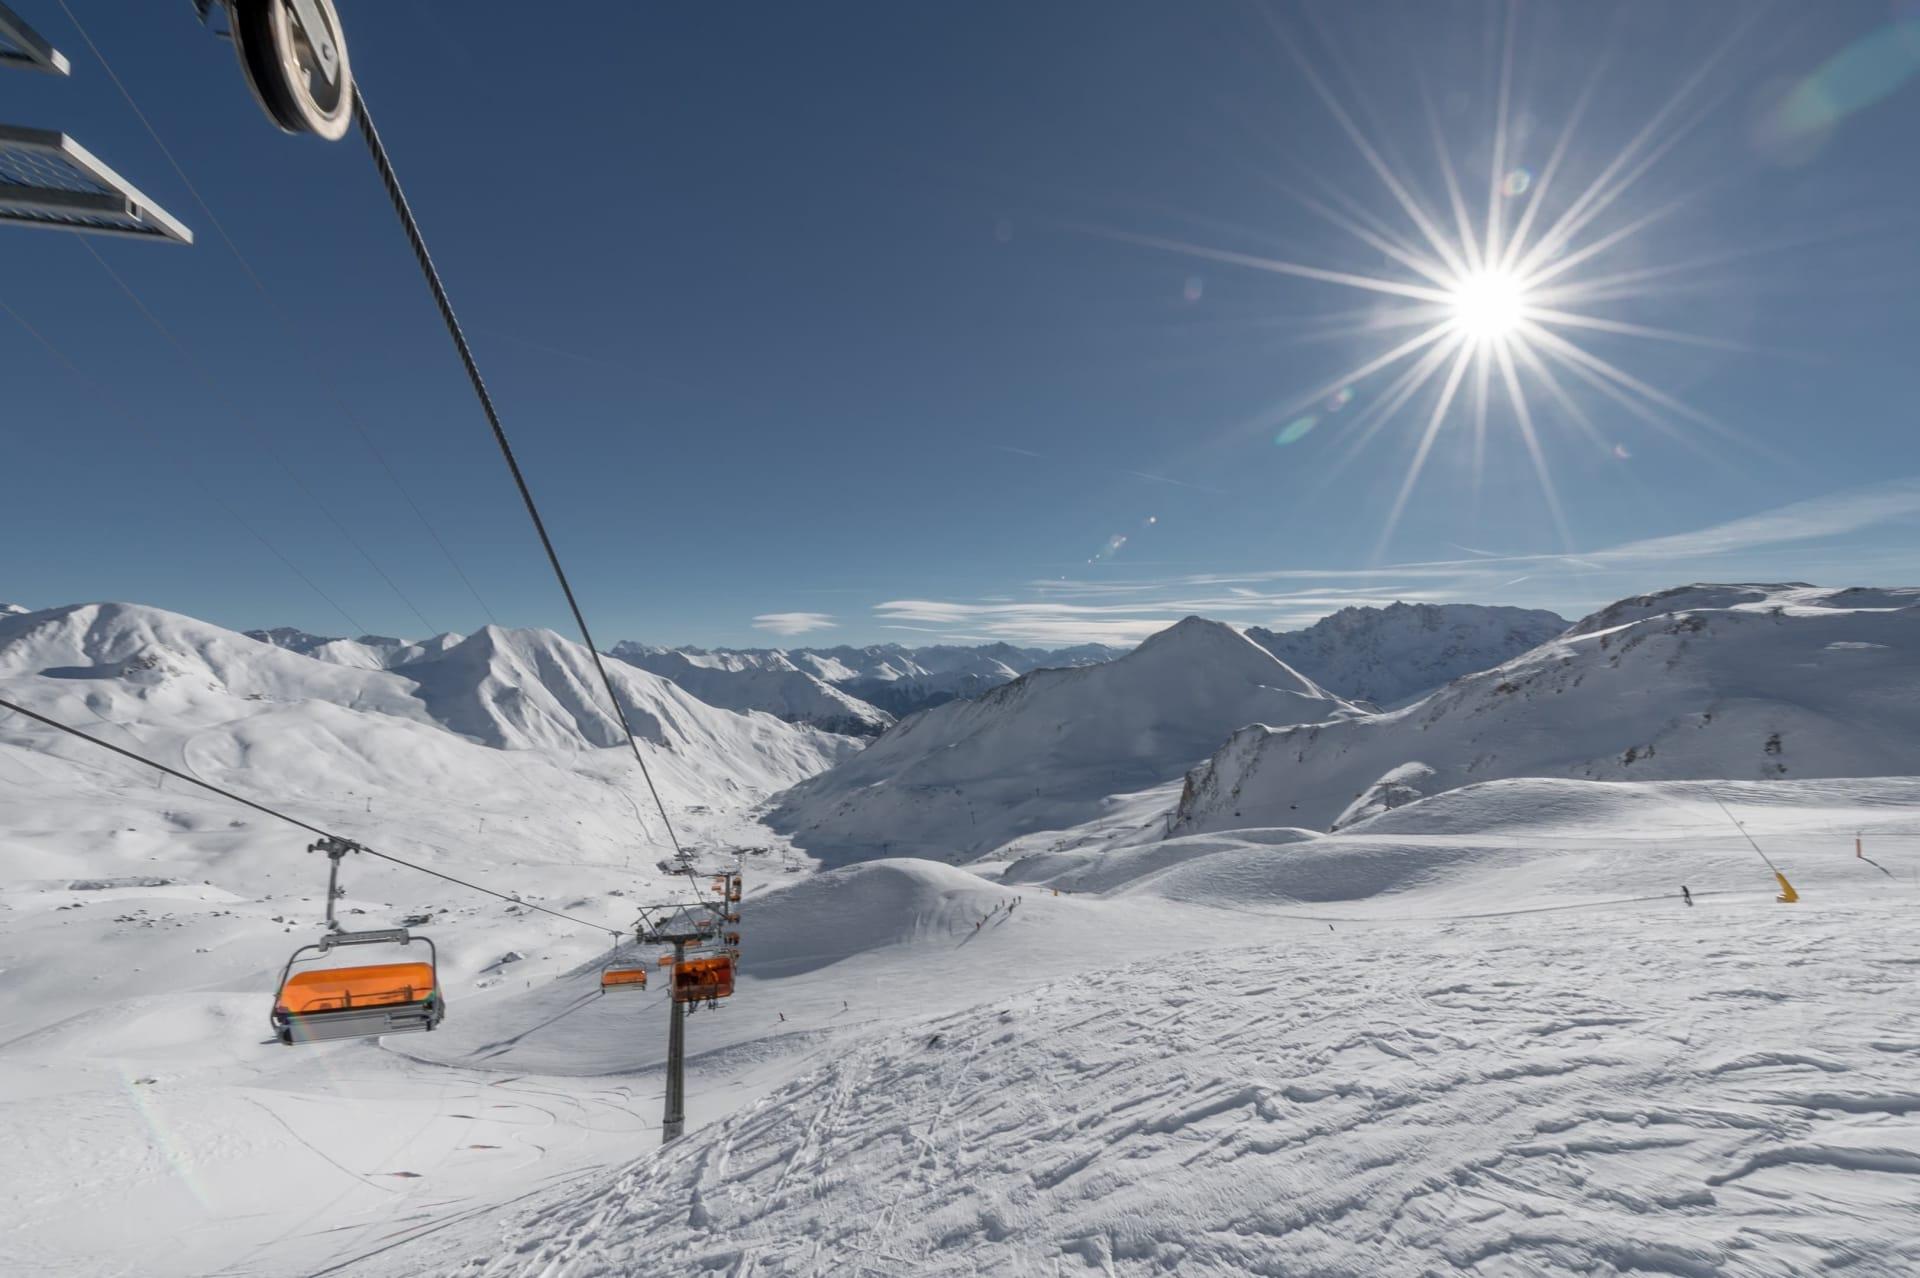 360 Grad Skierlebnis - 6 Nächte